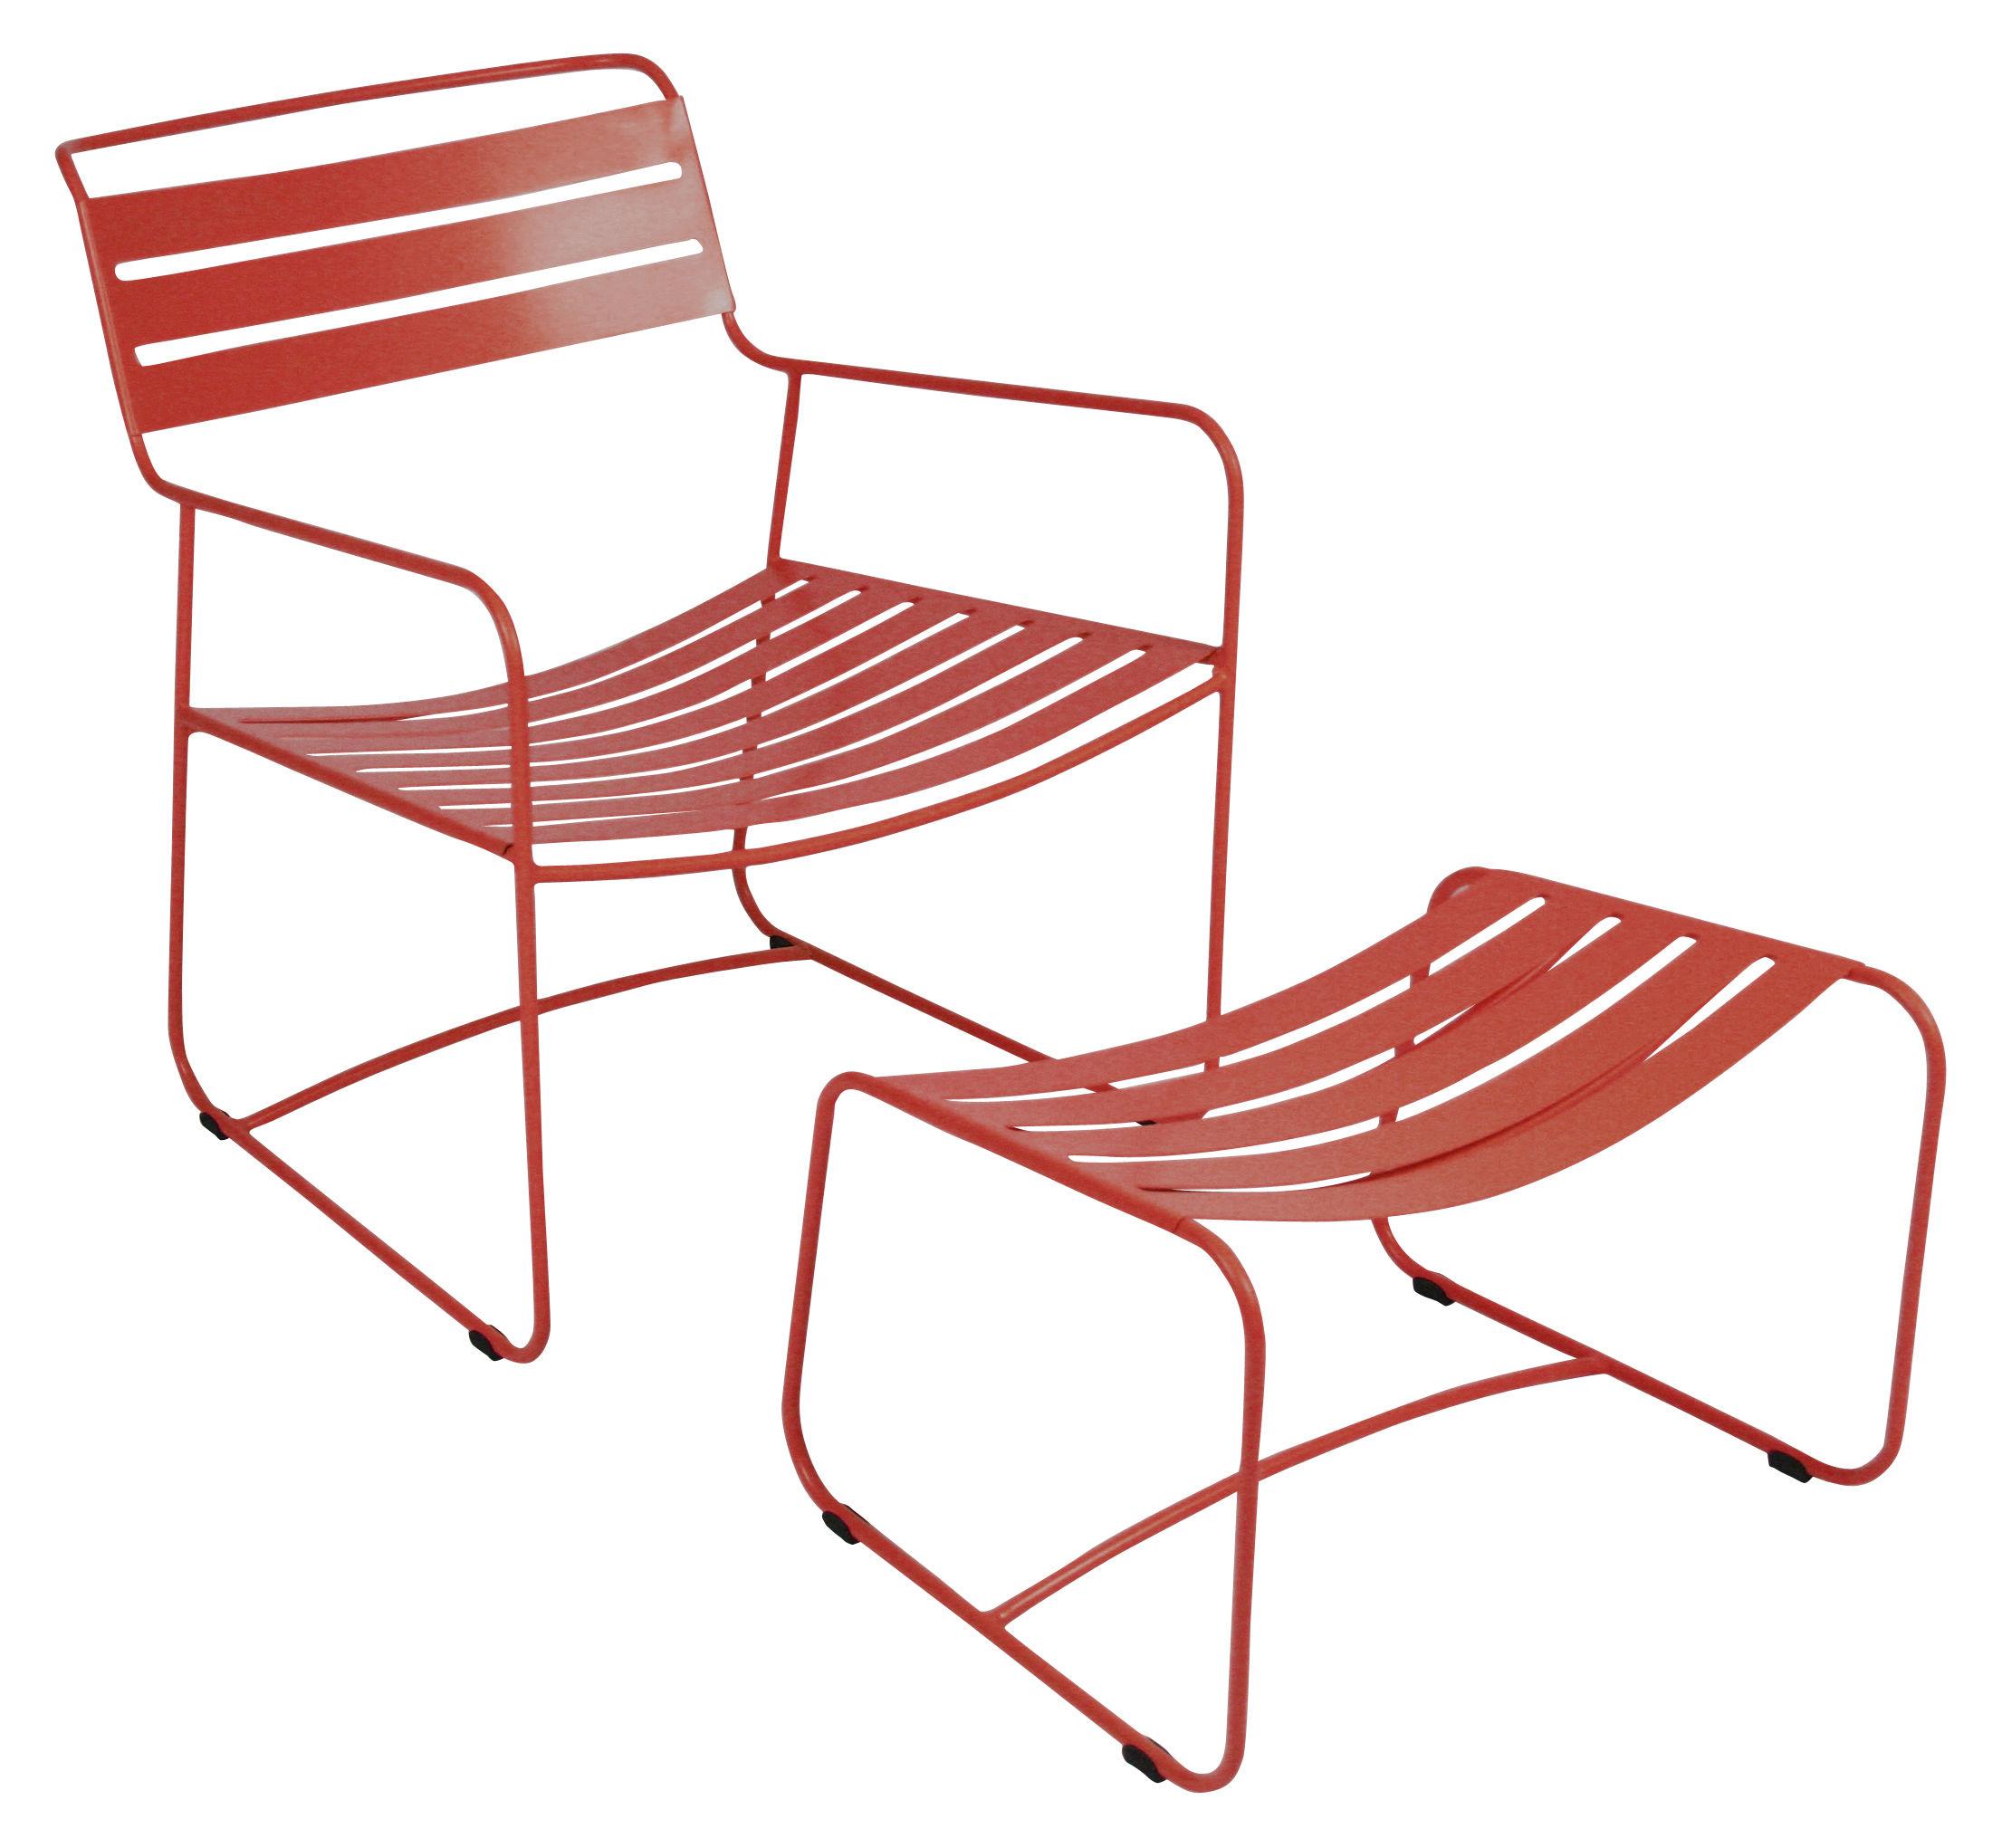 Mobilier - Fauteuils - Set fauteuil & repose-pieds Surprising Lounger - Fermob - Coquelicot - Acier